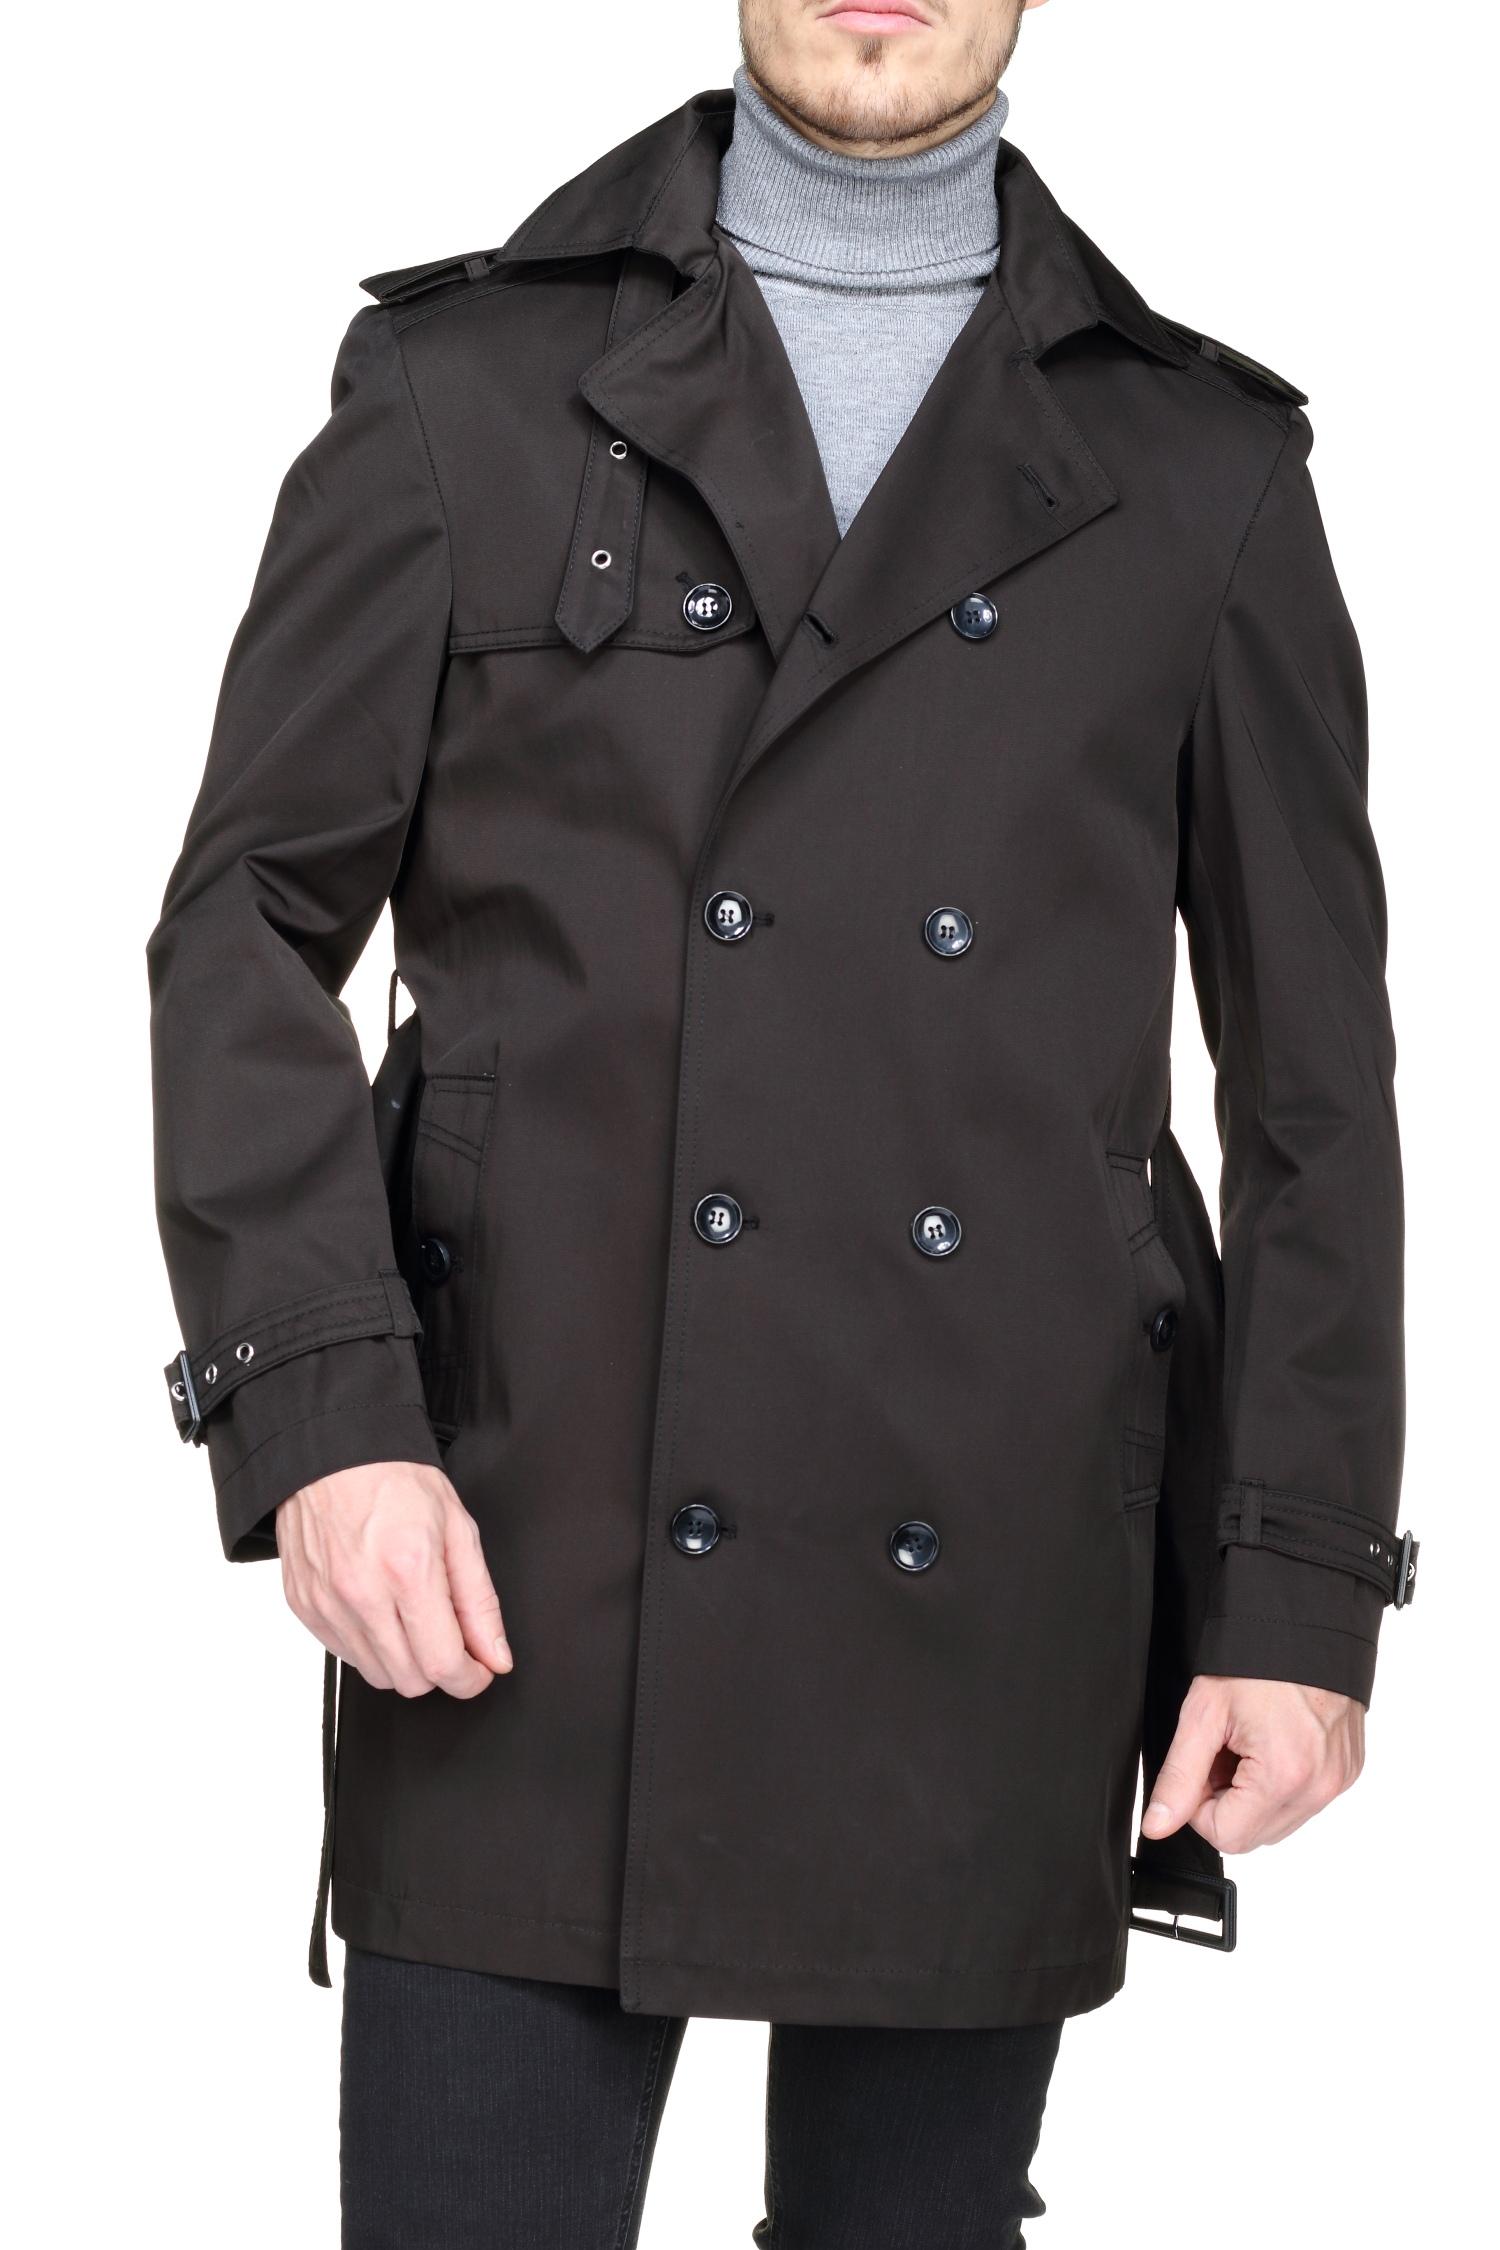 http://www.leadermode.com/181663/mackten-mk603-trench-noir.jpg